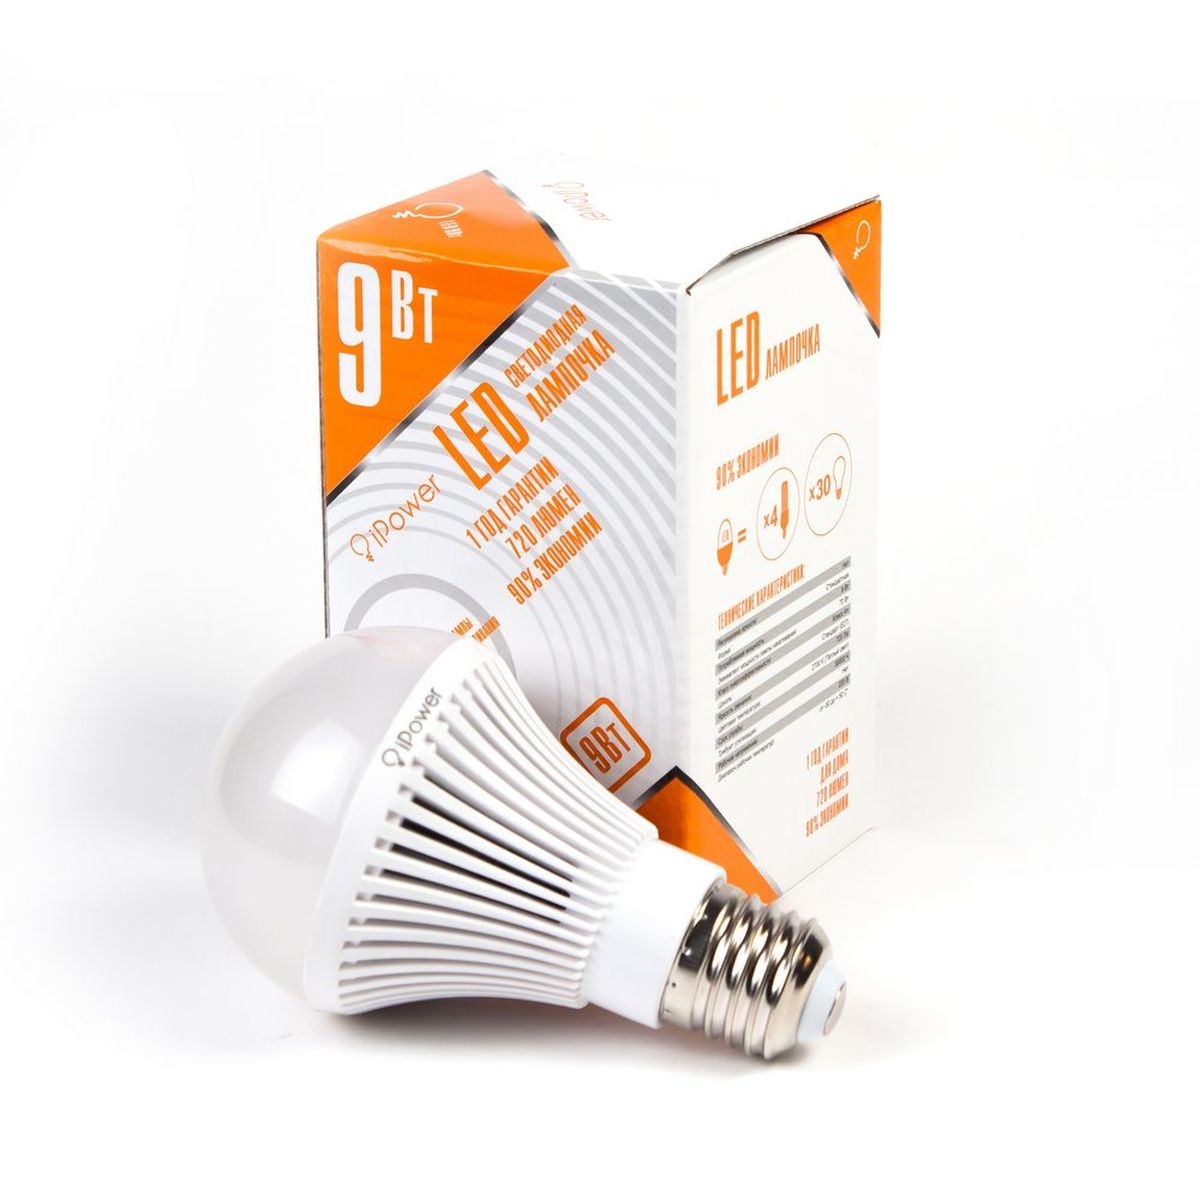 Лампа светодиодная iPower, цоколь Е27, 9W, 2700КC0044702Светодиодная лампа iPower имеет очень низкое энергопотребление. В сравнении с лампами накаливания LED потребляет в 12 разменьше электричества, а в сравнении с энергосберегающими - в 2-4 раза меньше. При этом срок службы LED лампочки в 5 раз выше, чемэнергосберегающей, и в 50 раз выше, чем у лампы накаливания. Светодиодная лампа iPower создает мягкий рассеивающий свет безмерцаний, что совершенно безопасно для глаз. Она специально разработана по требованиям российских и европейских законов и подходит ковсем осветительным устройствам, совместимым со стандартным цоколем E27. Использование светодиодов от мирового лидера Epistar - этозалог надежной и стабильной работы лампы. Теплый оттенок света лампы по световой температуресоответствует обычной лампе накаливания ипозволит создать уют в доме и местах отдыха.Диапазон рабочих температур: от -50°C до +50°С.Материал: алюминий, поликарбонат.Потребляемая мощность: 9 Вт.Рабочее напряжение: 220В.Световая температура: 2700К (теплый свет).Срок службы: 30000 часов.Форма: стандарт.Цоколь: стандарт (E27).Эквивалент мощности лампы накаливания: 70 Вт.Яркость свечения: 720 Лм.